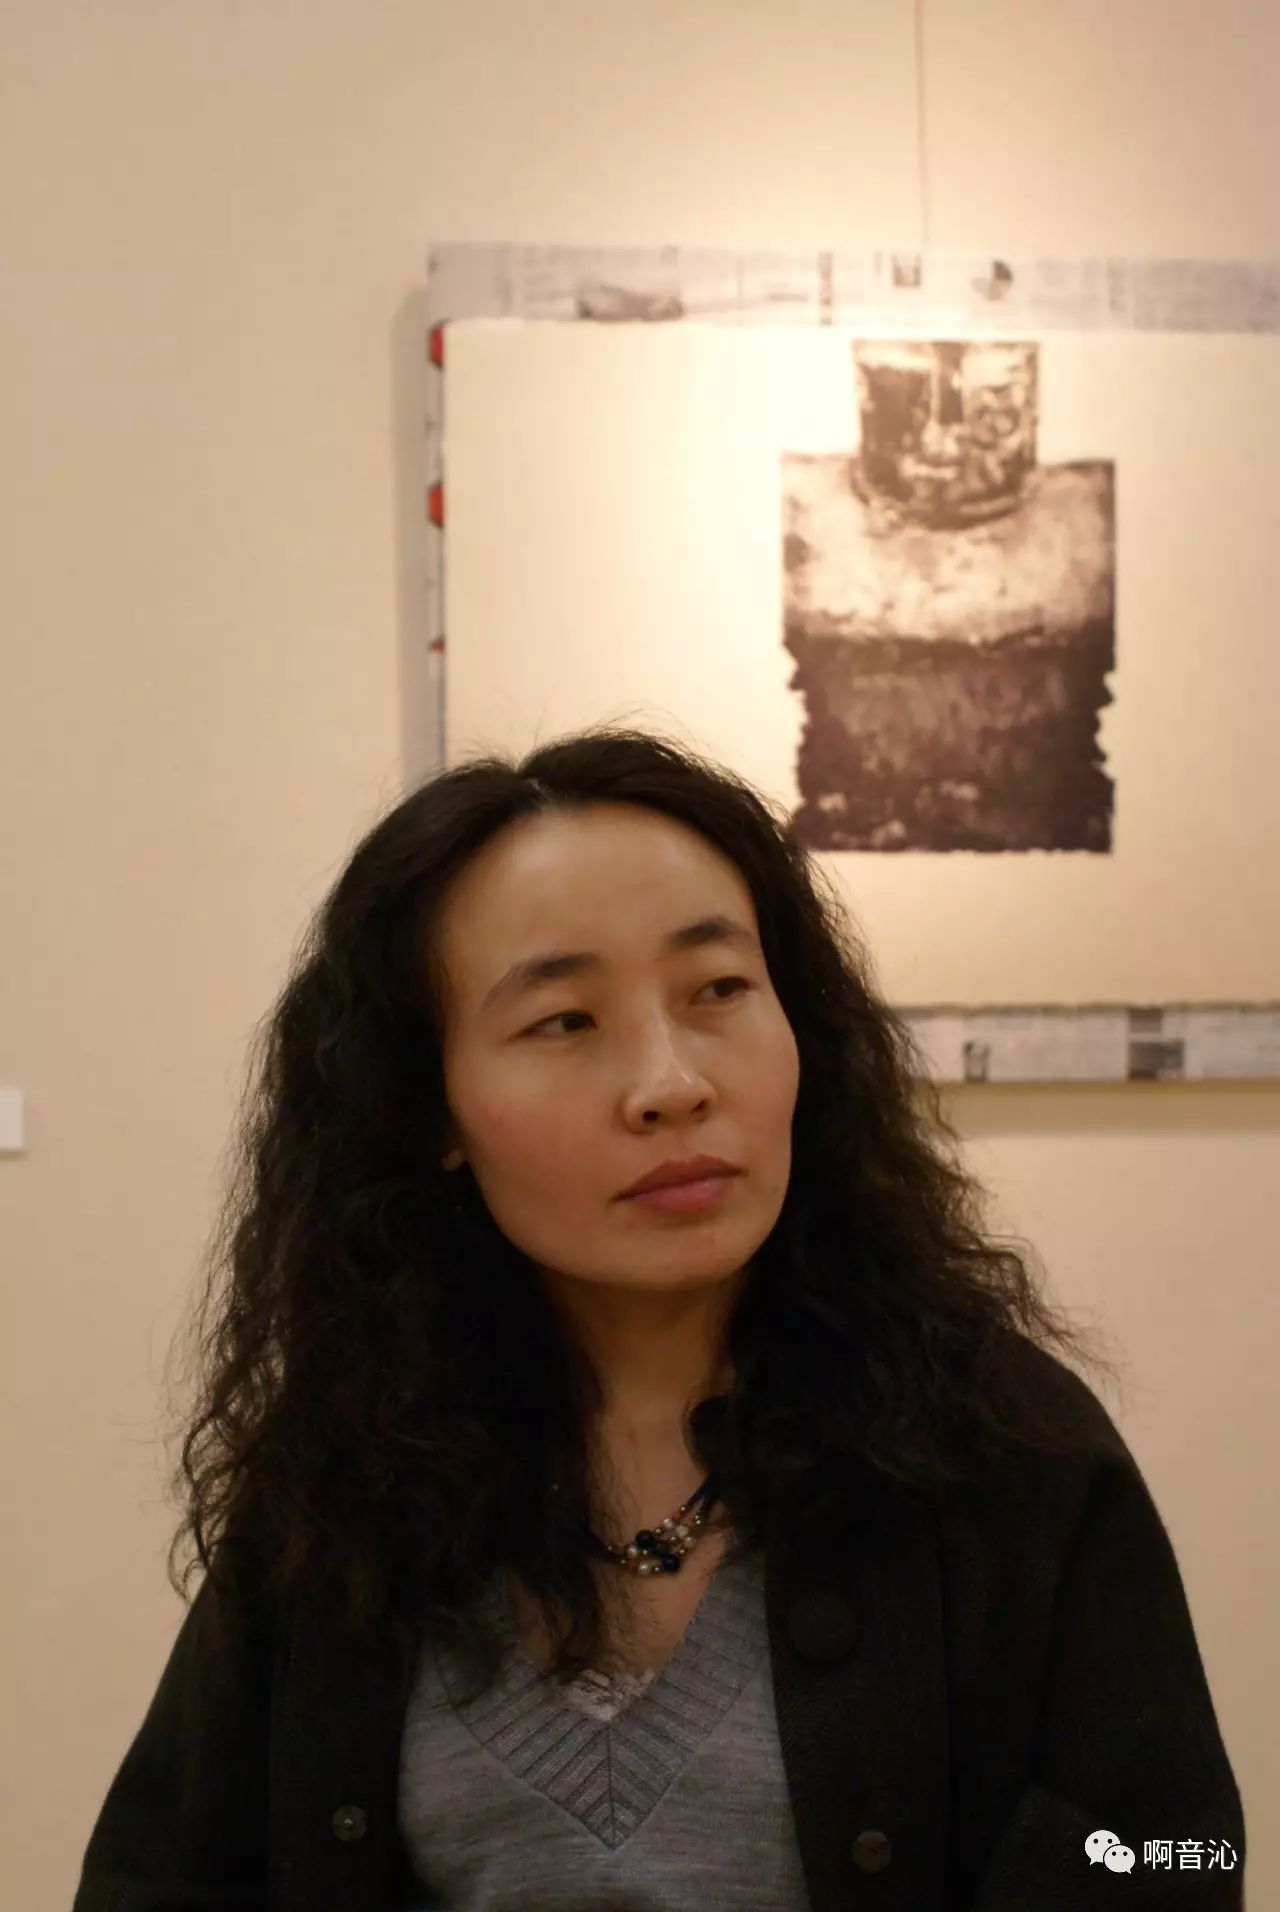 内蒙古艺术学院美术系版画专业师资简介 第7张